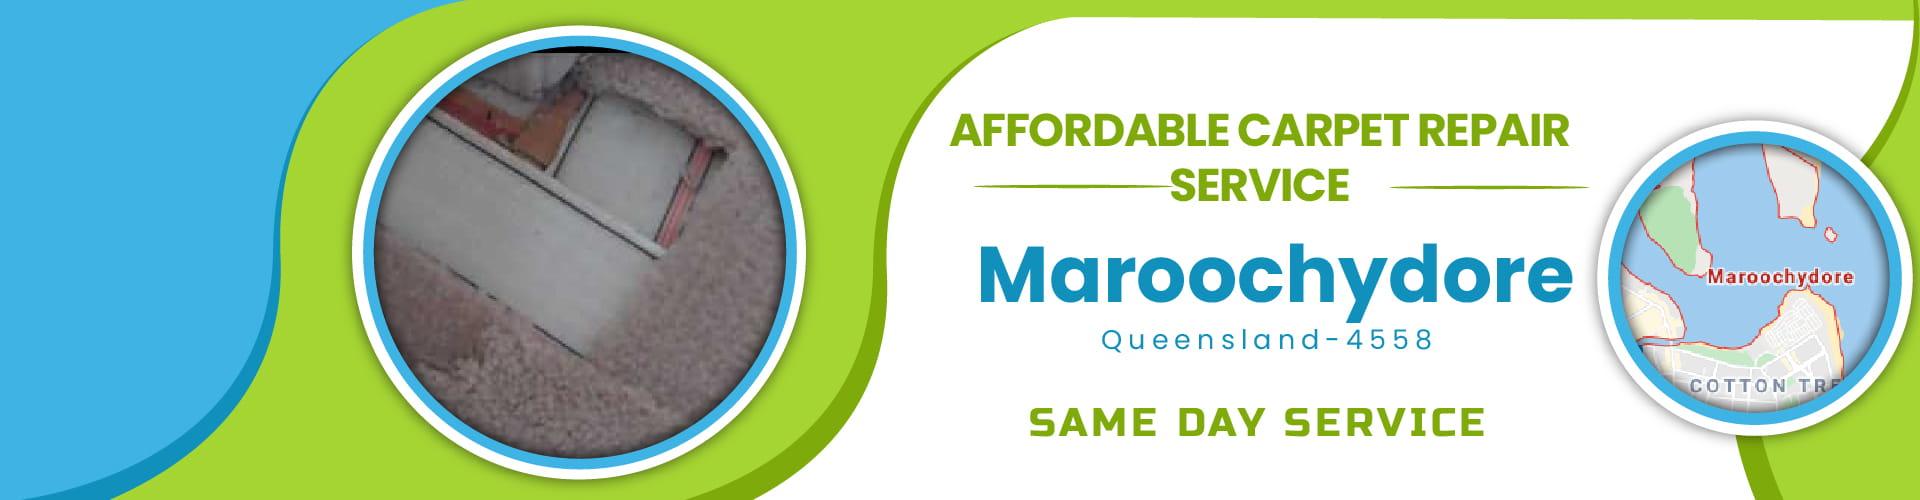 Carpet Repairs Maroochydore